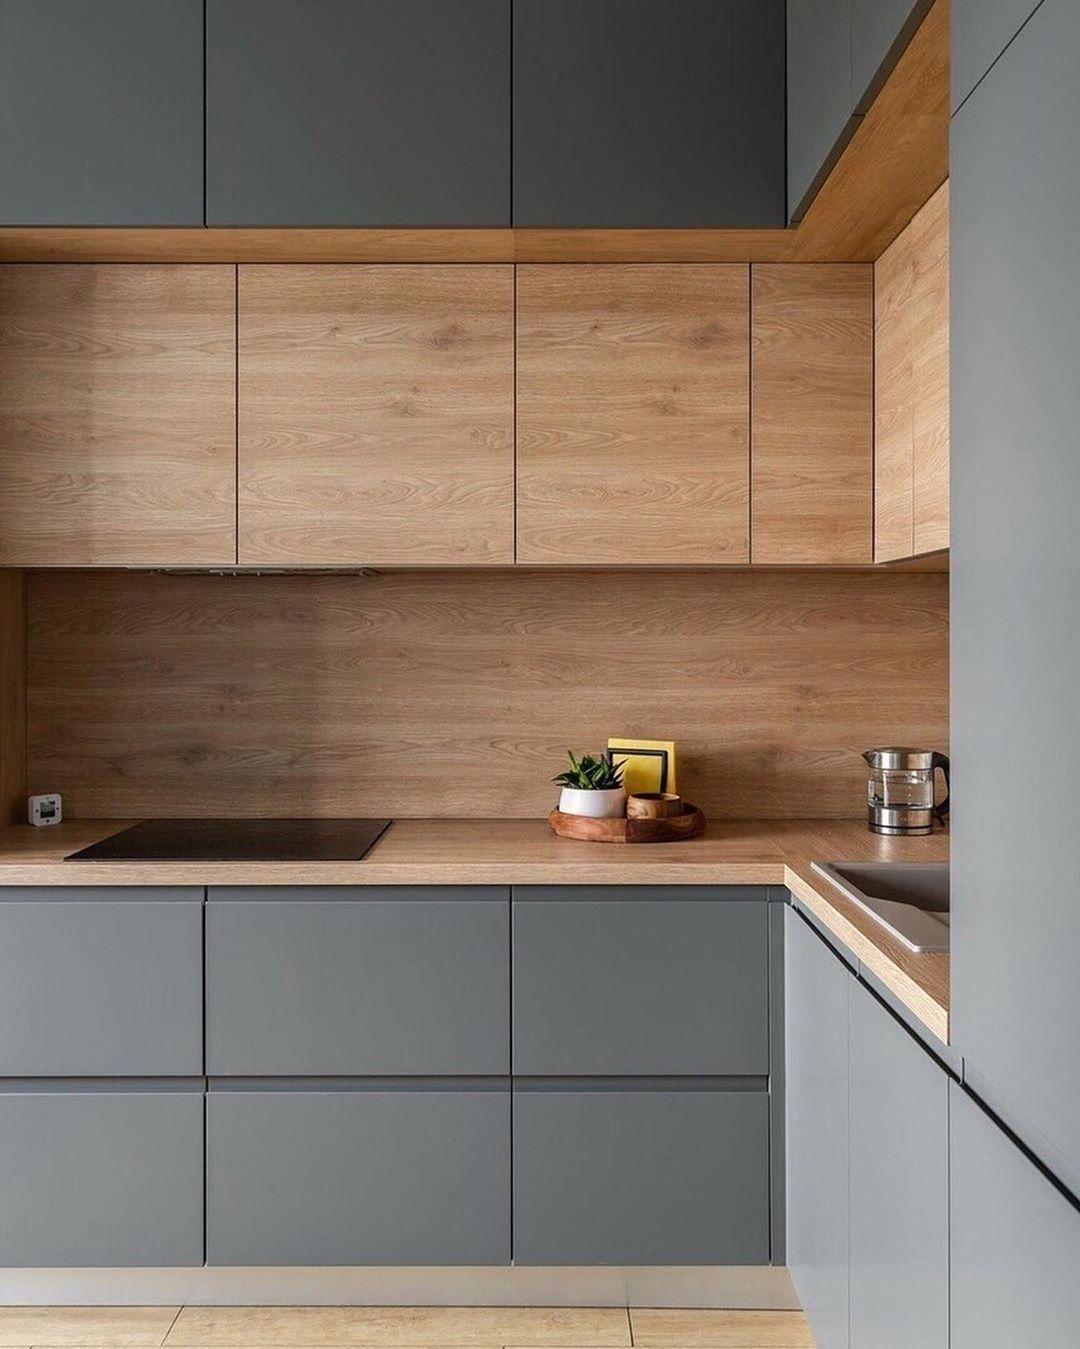 Idealna Kuchnia Na Instagramu Lubicie Takie Polaczenia Czy Lepsze Sa Kuchnie W Jednym Ko In 2020 Kitchen Design Small Kitchen Furniture Design Kitchen Cabinet Design